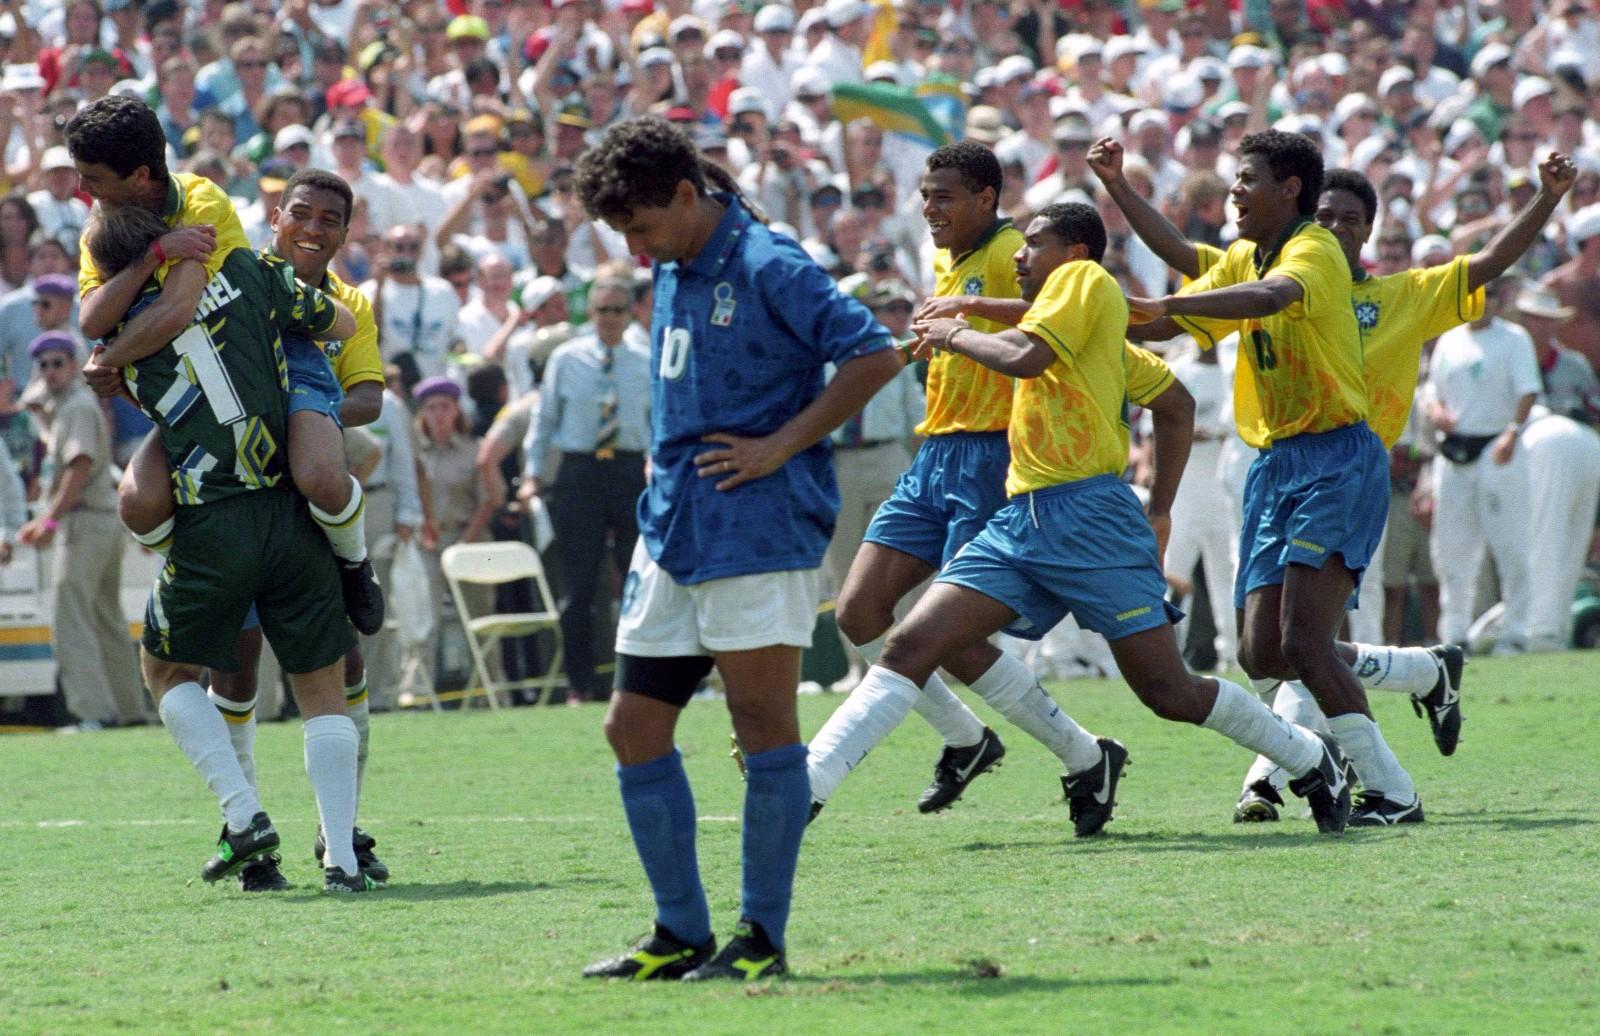 """1994年美国世界杯决赛,巴西队与意大利队经过120分钟鏖战最终0比0战平,点球大战中,罗伯特·巴乔最后一个出场将点球罚失,目送巴西队夺冠。""""忧郁王子""""落寞的背影成为世界足坛永恒的画面。\\\\r\\\\n图为1994年7月14日,巴乔在美国世界杯决赛中罚丢点球后。"""